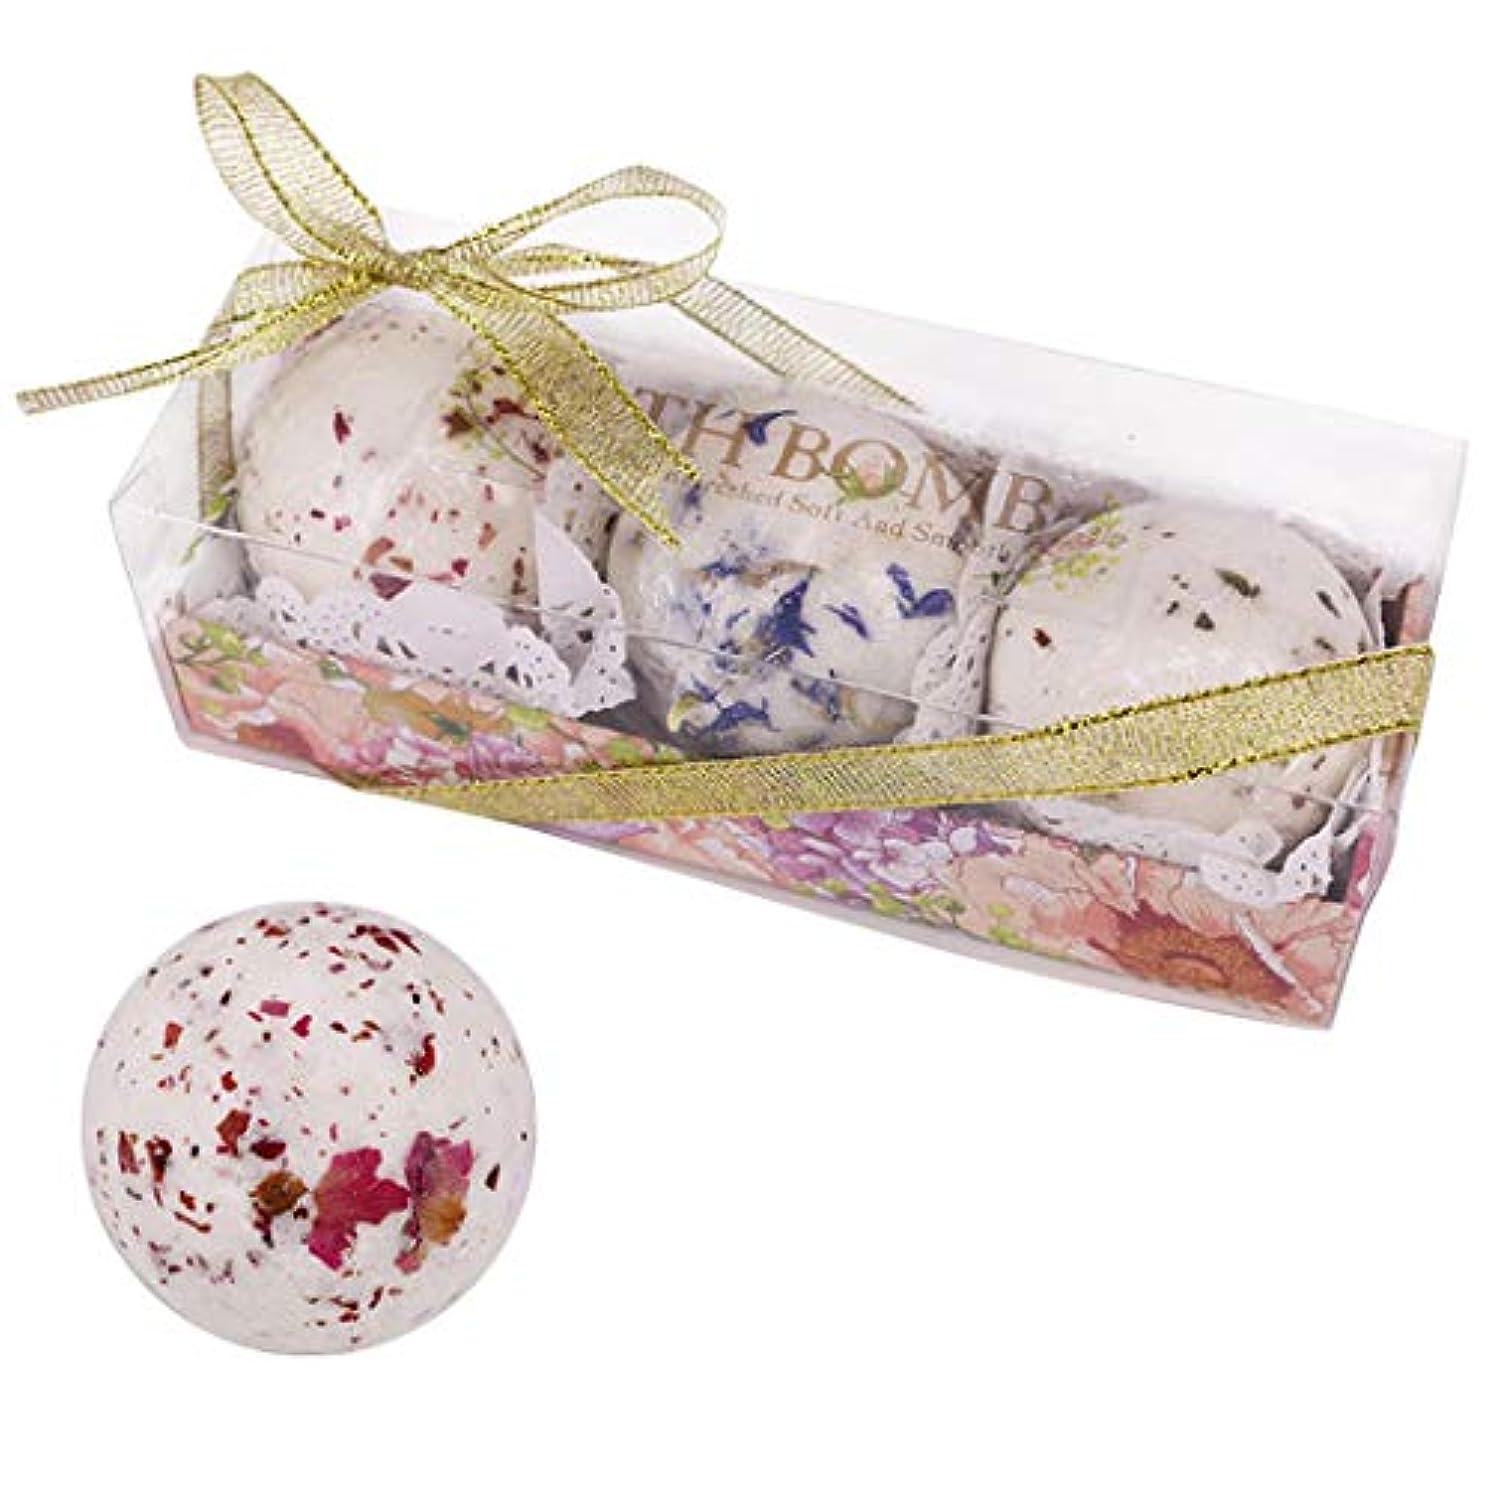 更新する石の日付付きFunpa 3枚セット 入浴剤 丸い 干し花 香り 可愛い 豊富泡 スキンケア 女性 彼女へのプレゼント バレンタインデー お風呂 塩ボール 疲れを解消